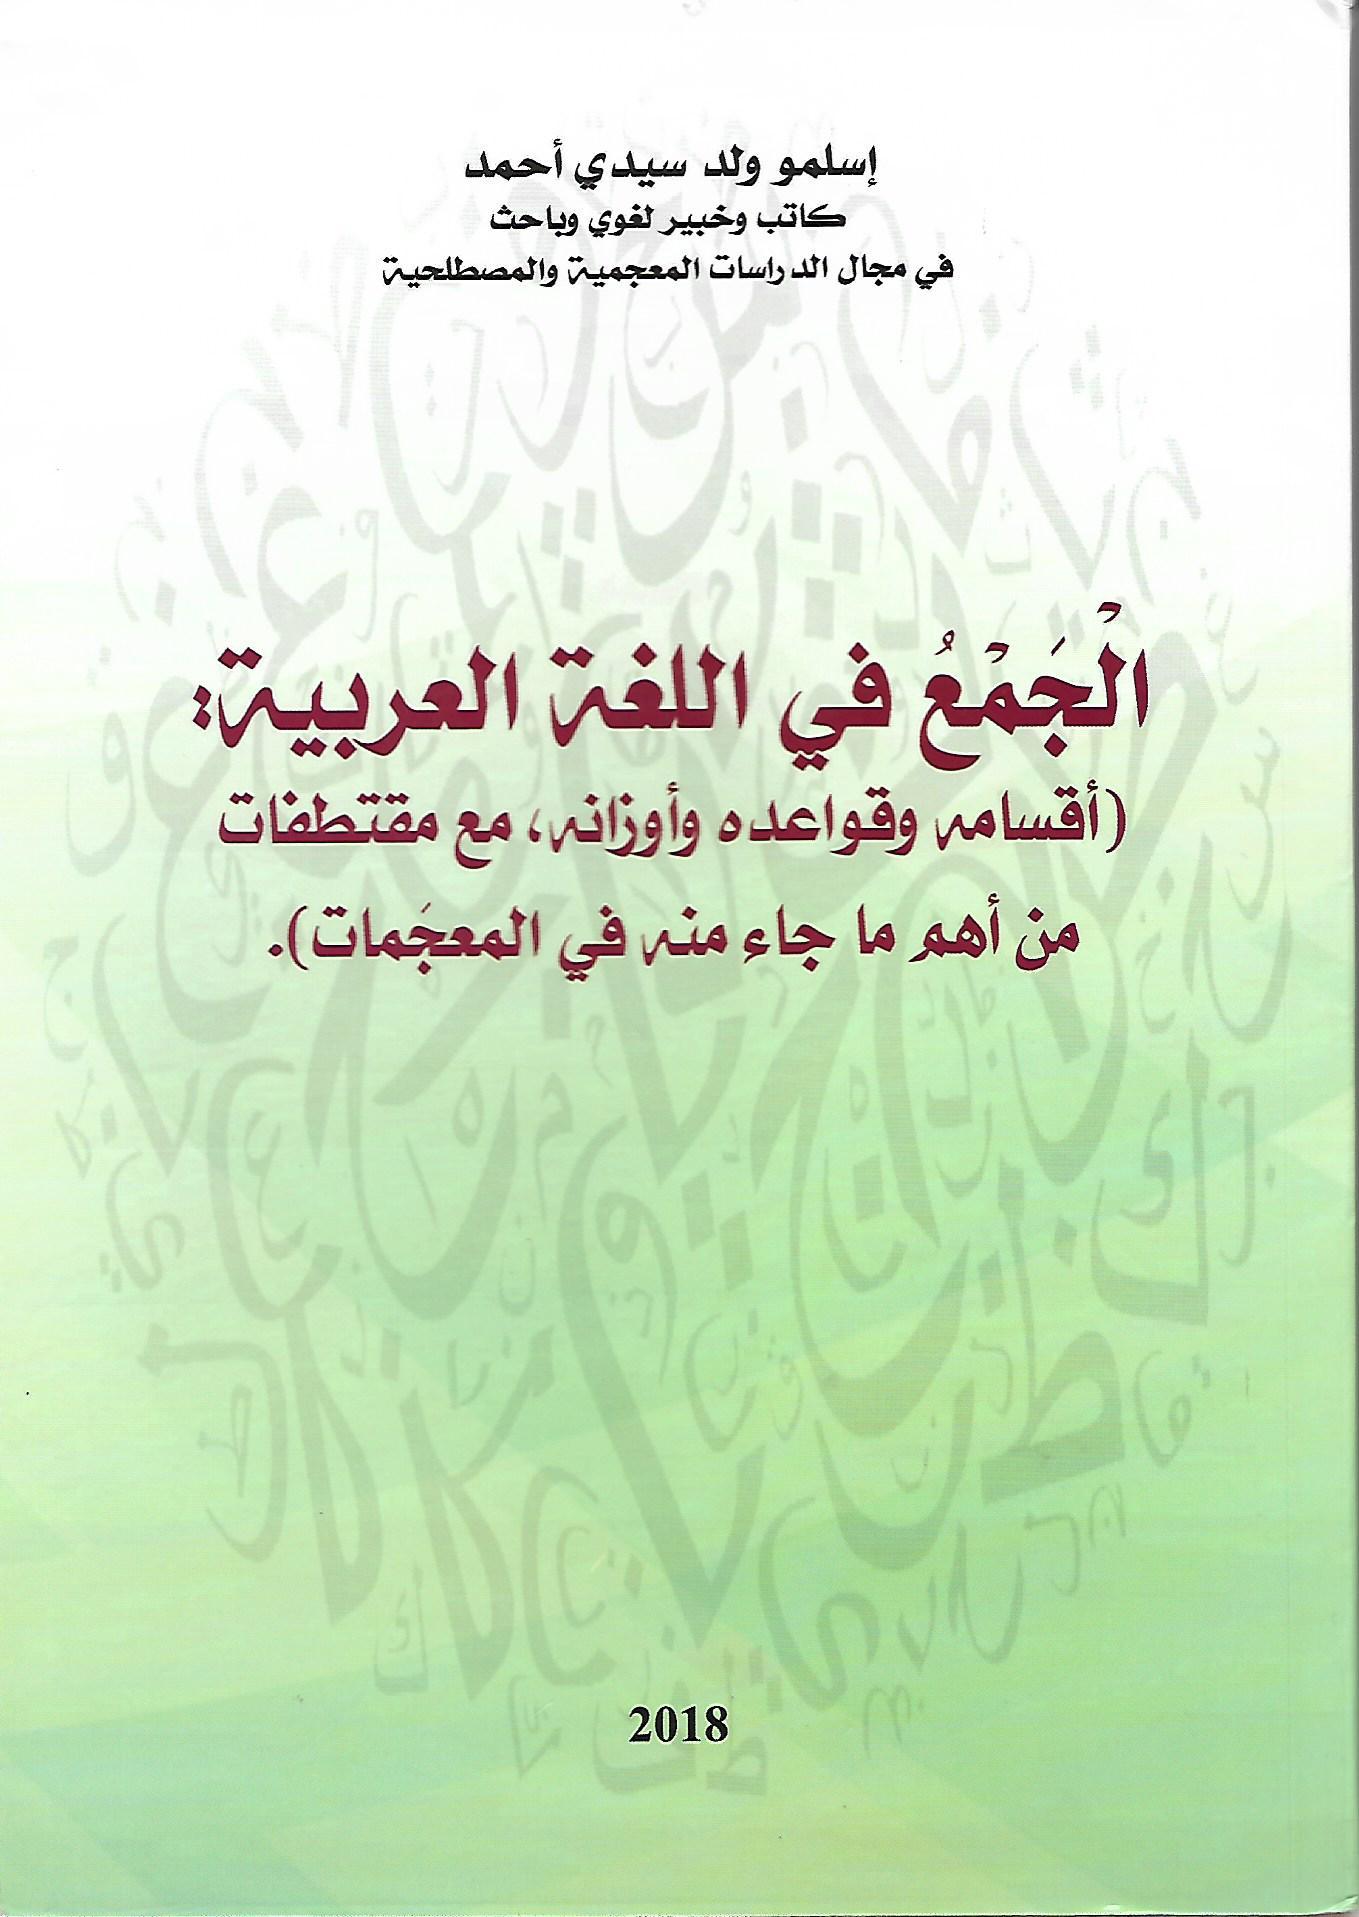 صورة من غلاف الكتاب